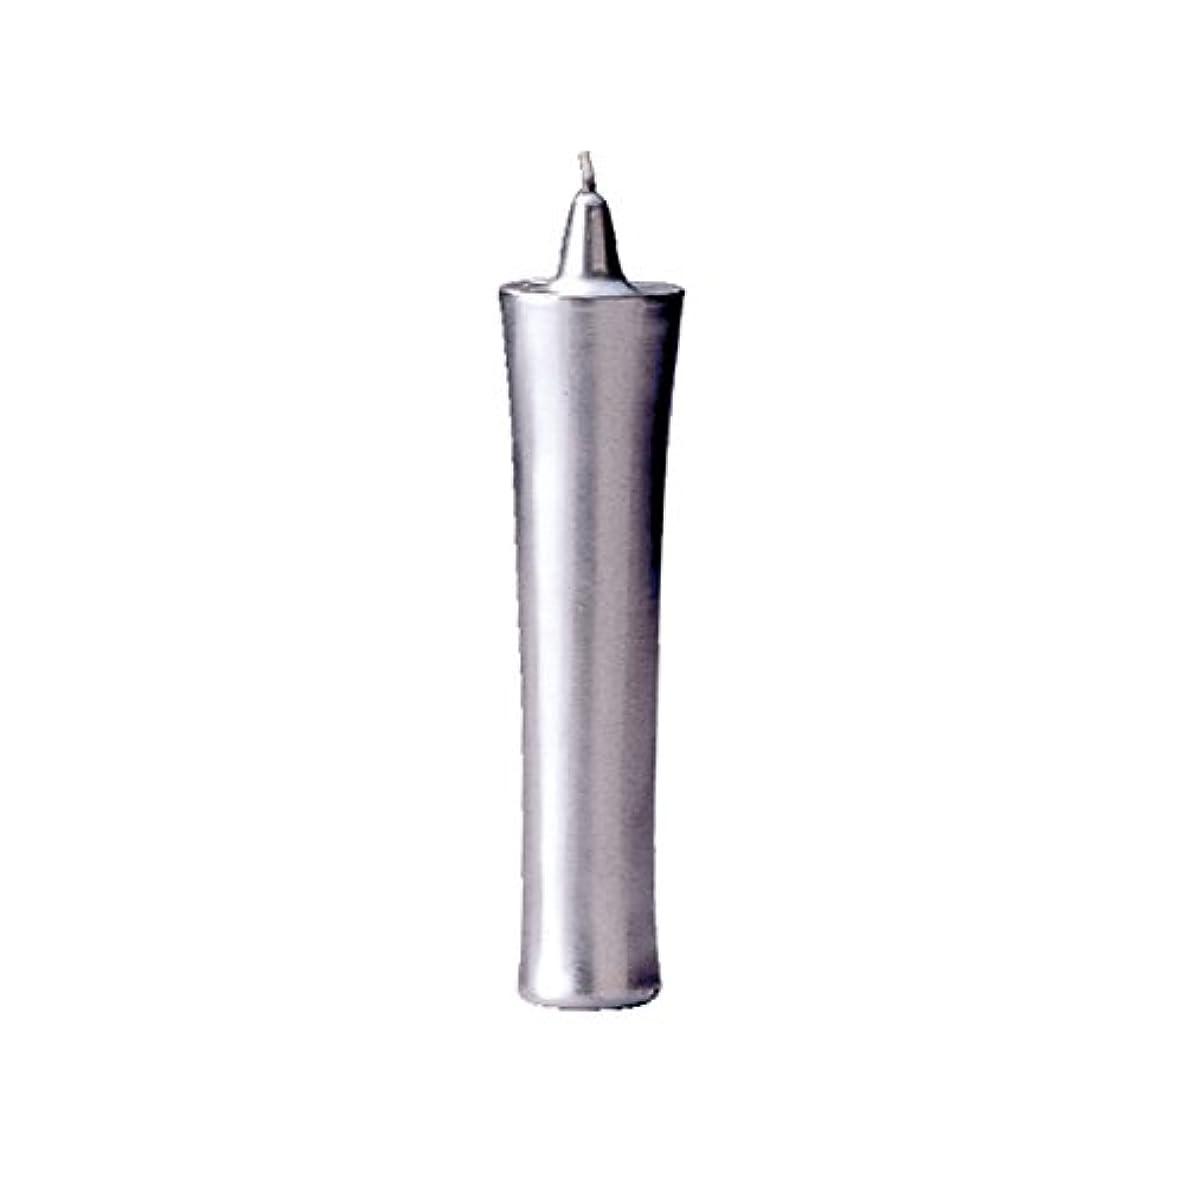 ストロークアフリカ印象カメヤマ 和ロー型(C)銀 22cm (1セット)